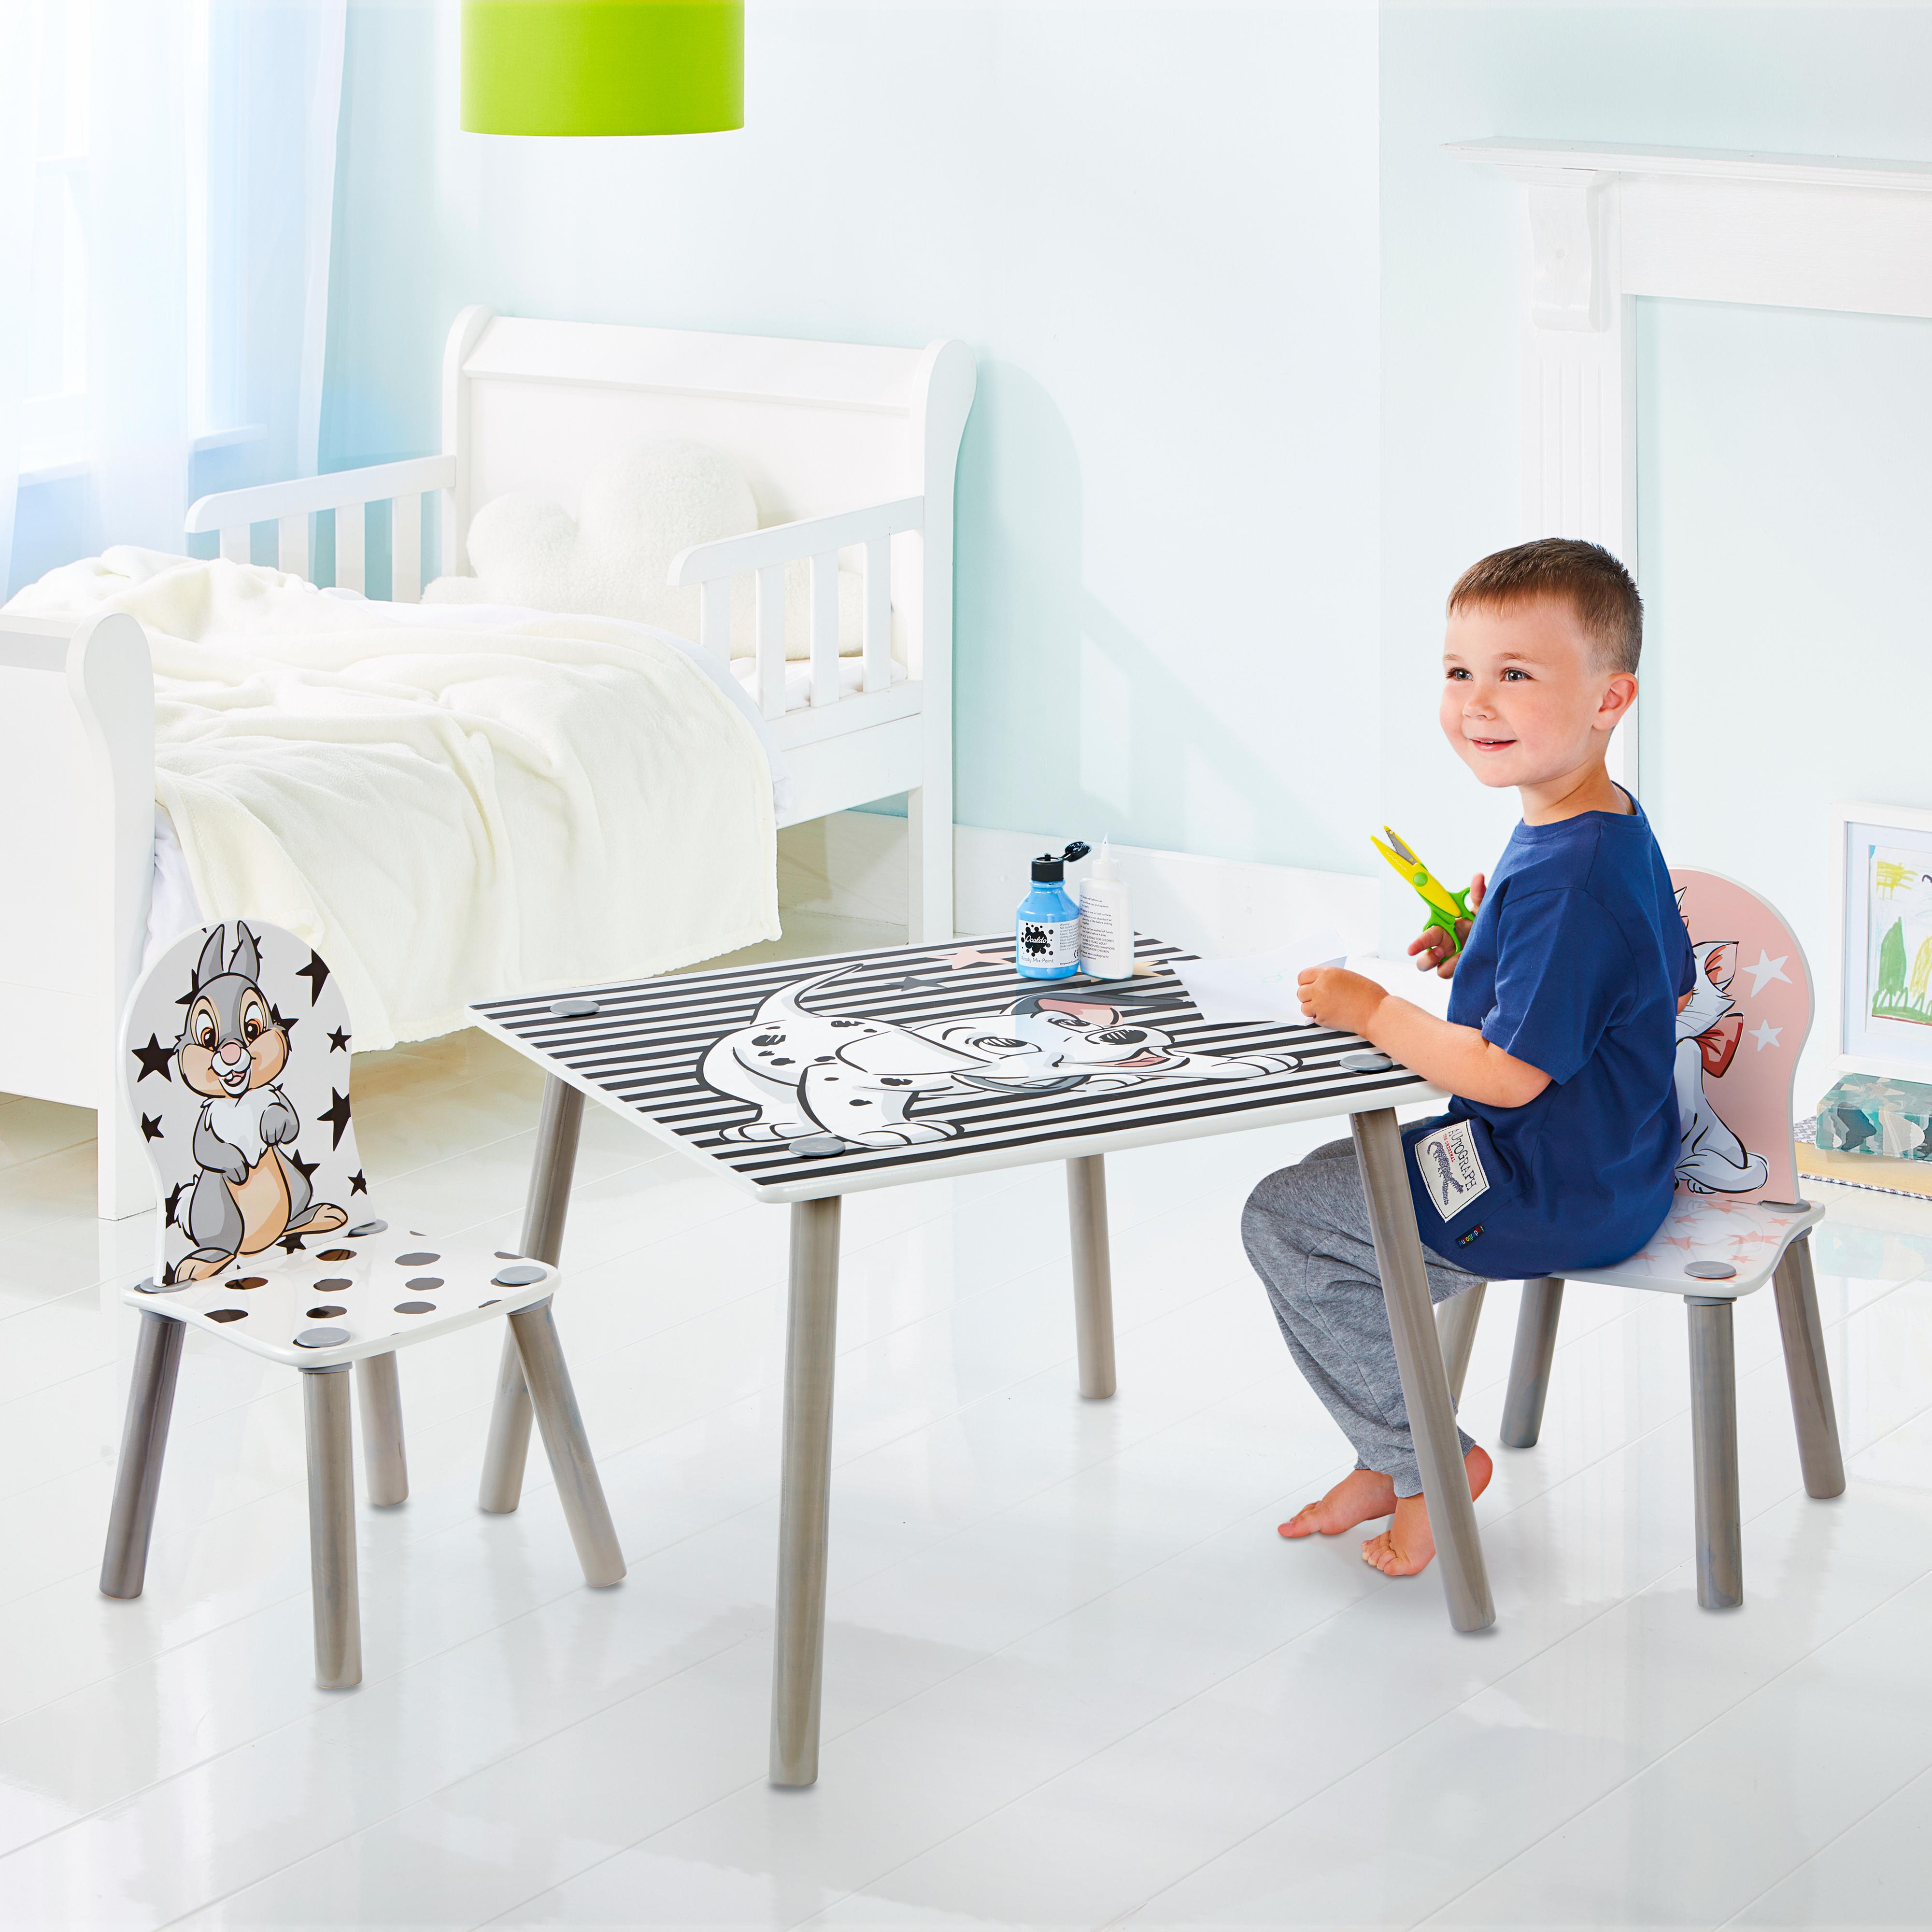 Dětský stůl s židlemi 101 dalmatinů